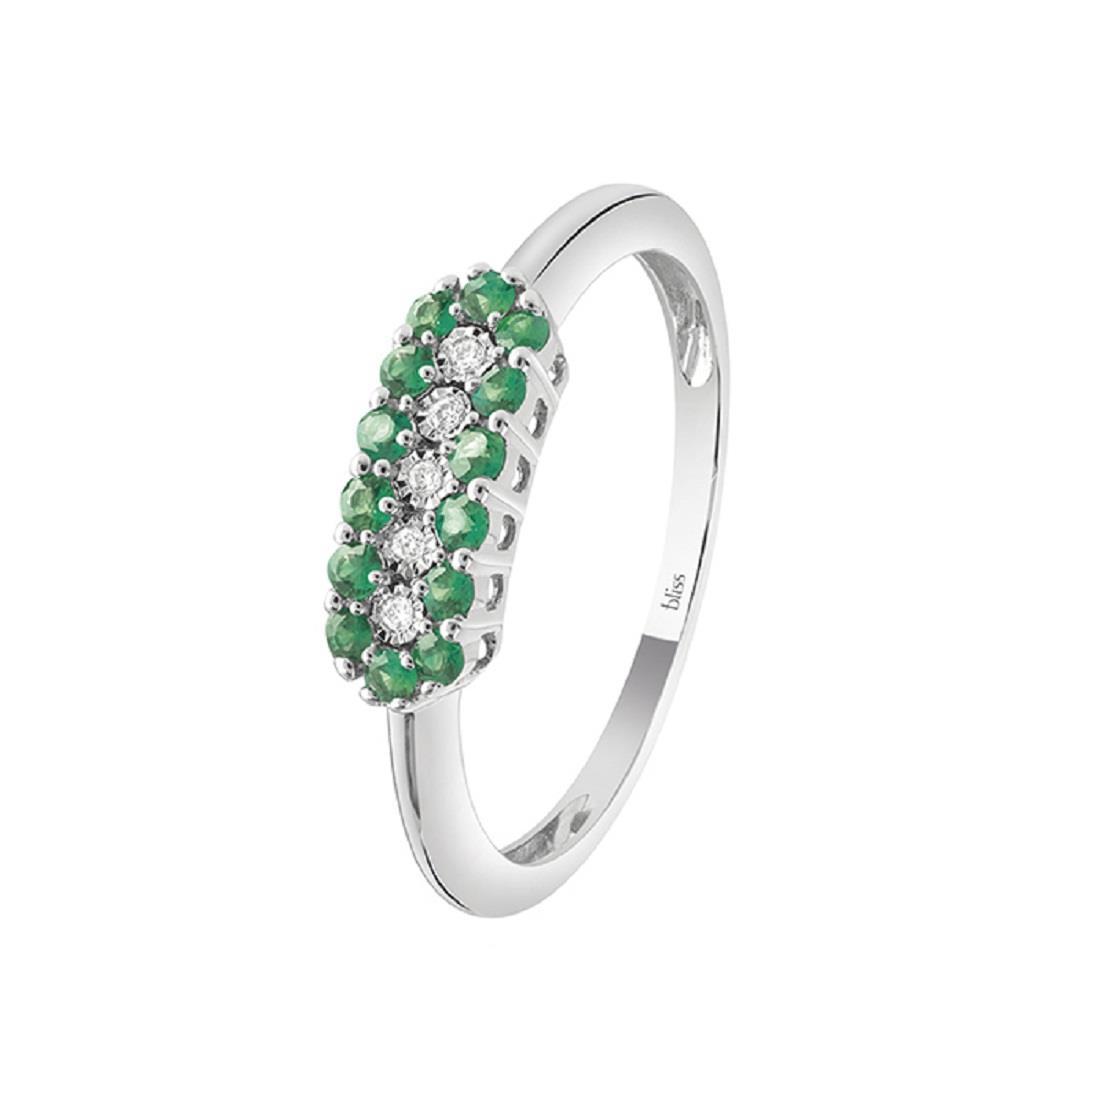 Anello con diamanti e smeraldi - BLISS